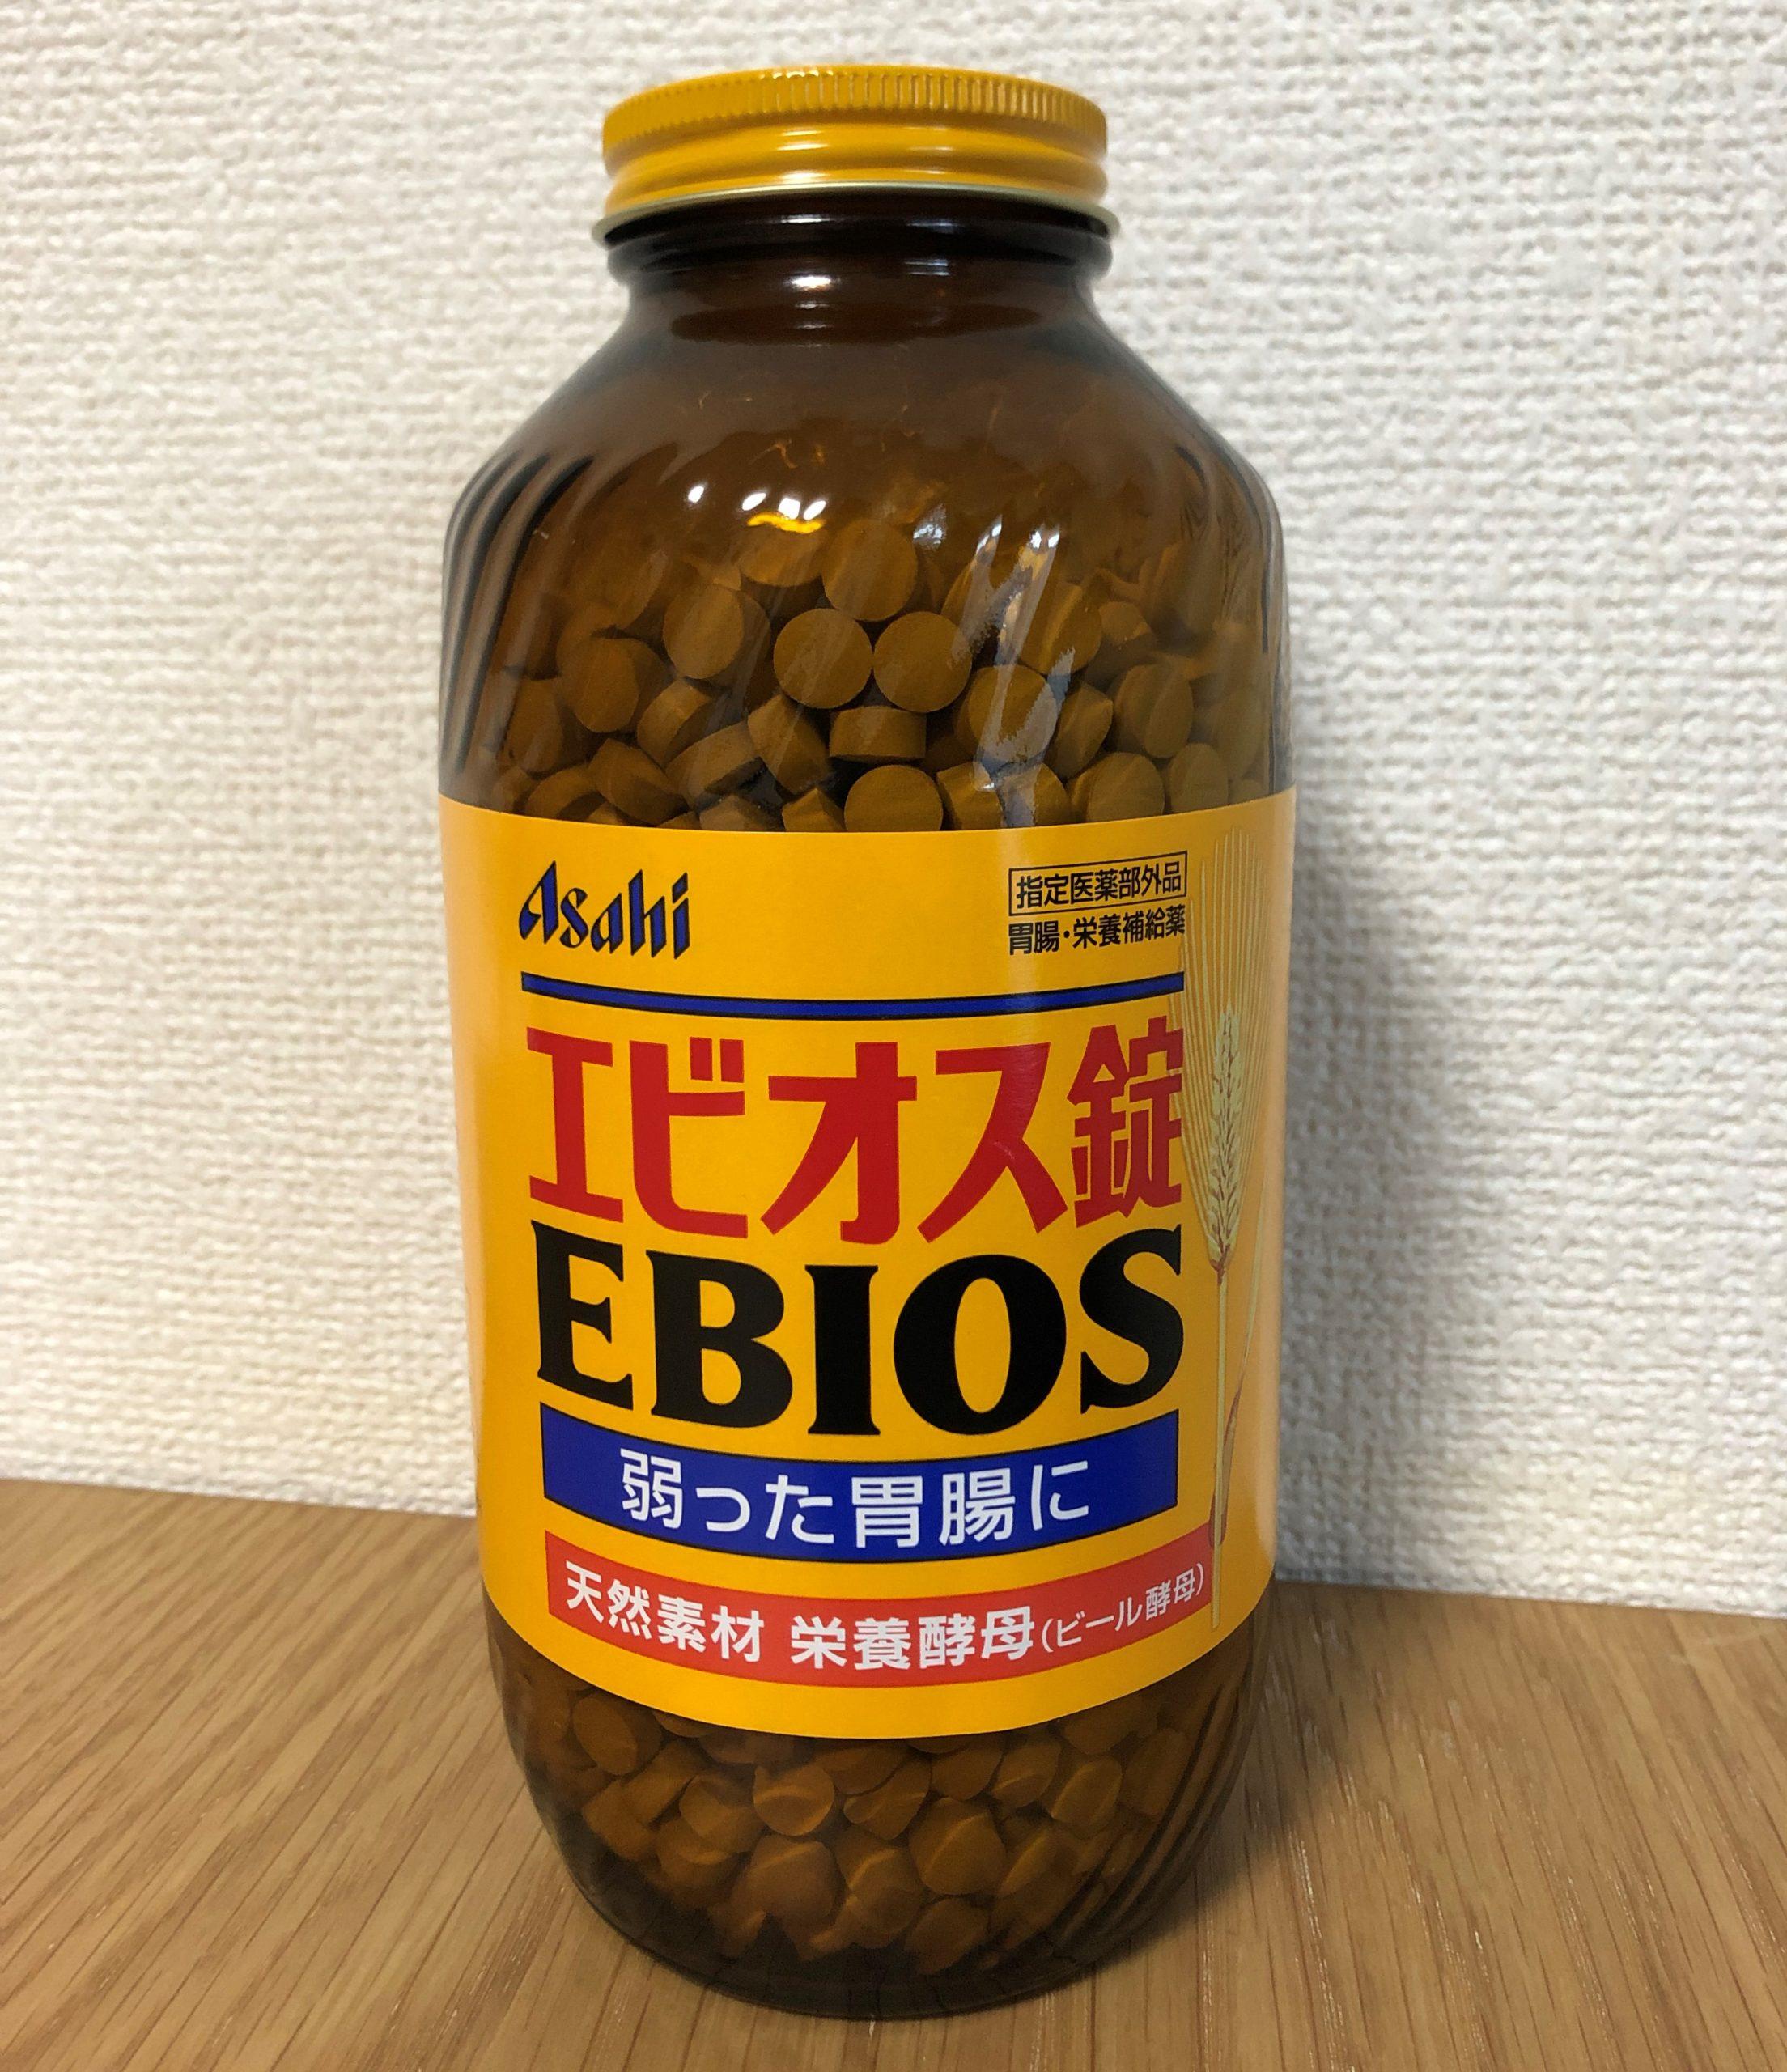 効果 エビオス 錠